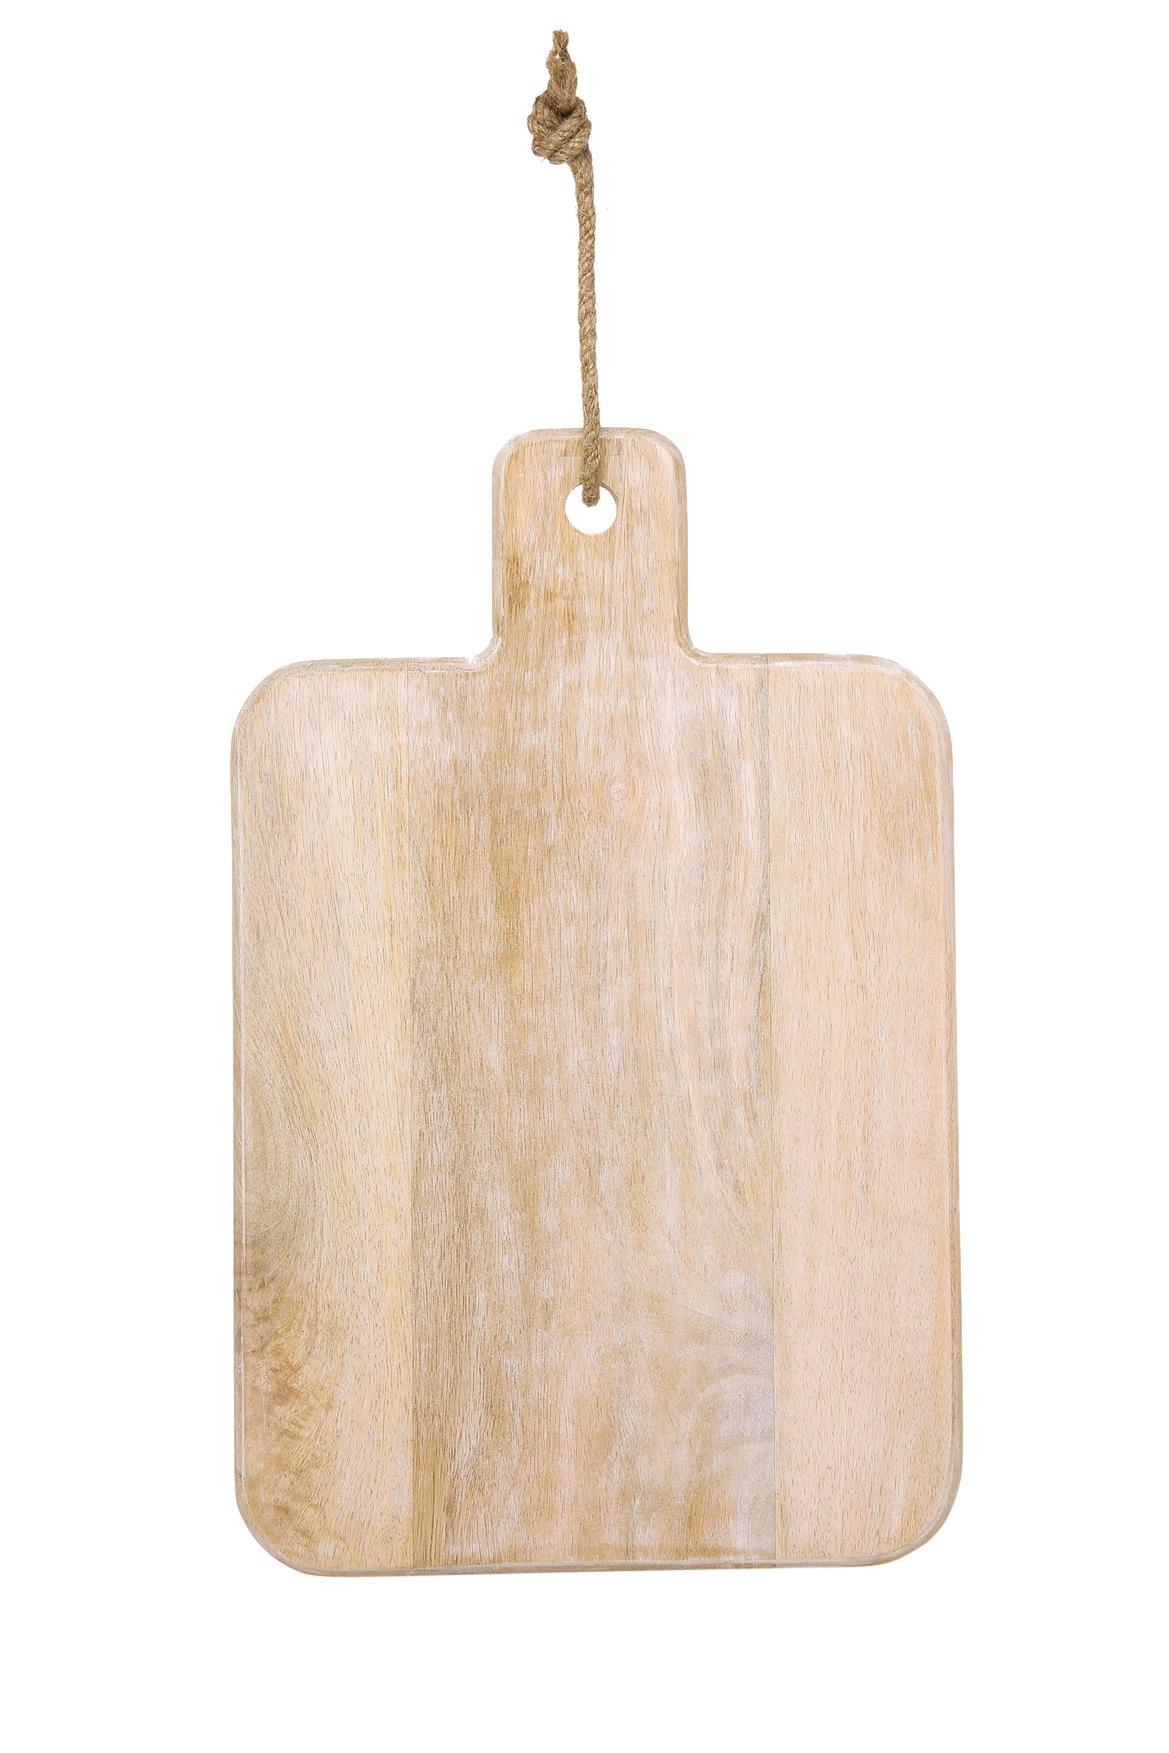 white washed mango wood. Australian House \u0026 Garden | Peninsula Whitewash Mango Wood Square Board  Myer Online White Washed Mango Wood A